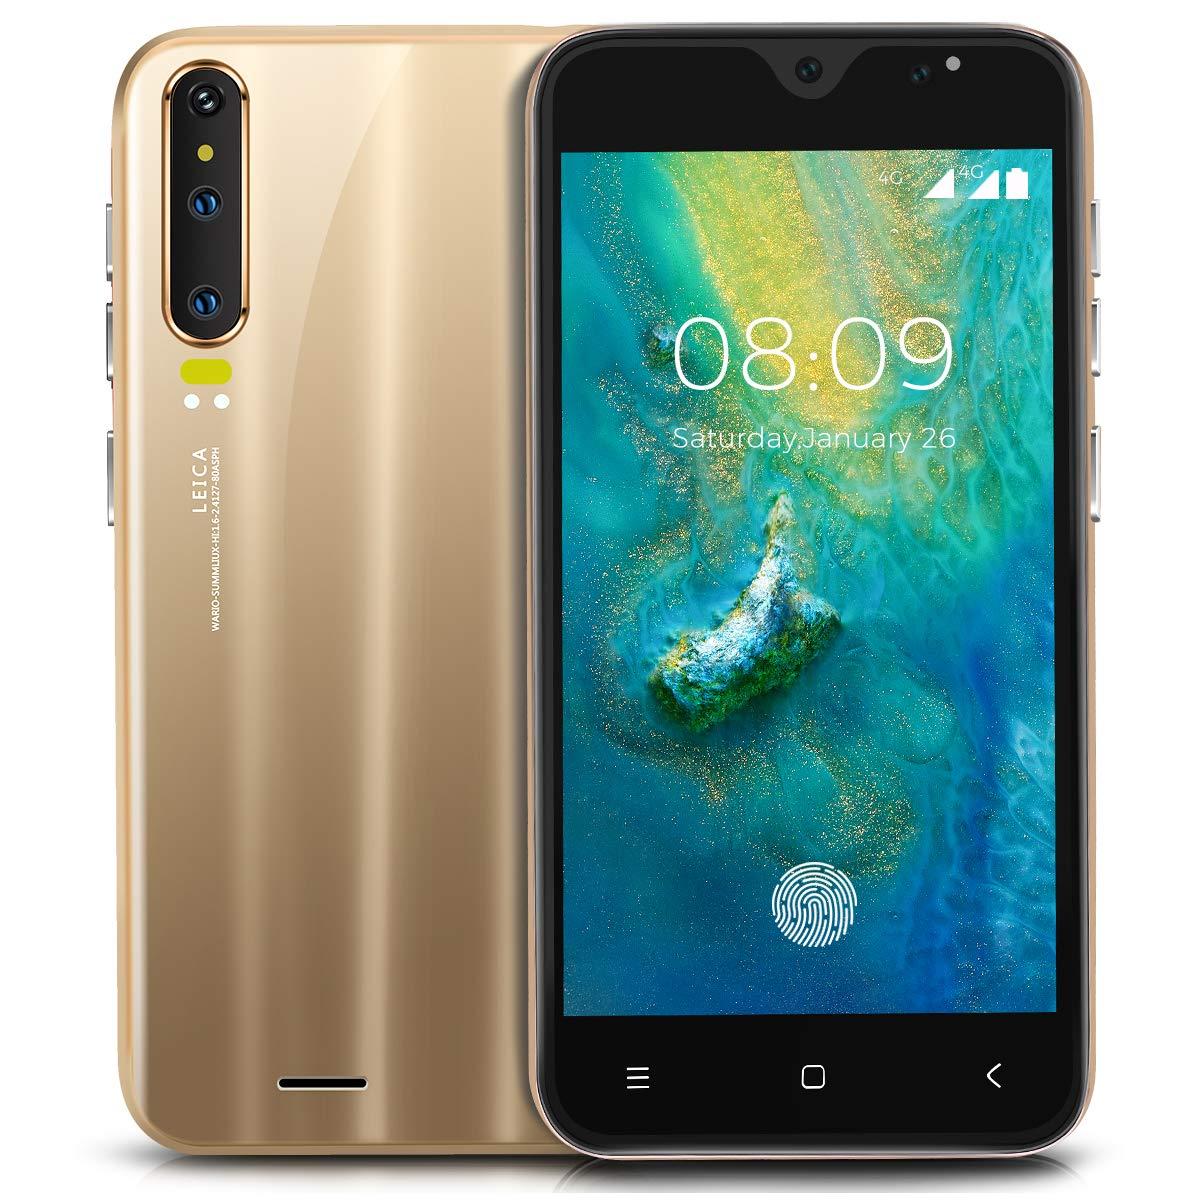 Móviles y Smartphones Libres,HyRich® Android GO Teléfono Móvil Libre (MTK6572, 5.0 Pantalla HD LCD, 1GB RAM+4GB ROM, 5.0MP Cámaras, Huella Dactilar, Dual SIM) (P30-Oro): Amazon.es: Electrónica